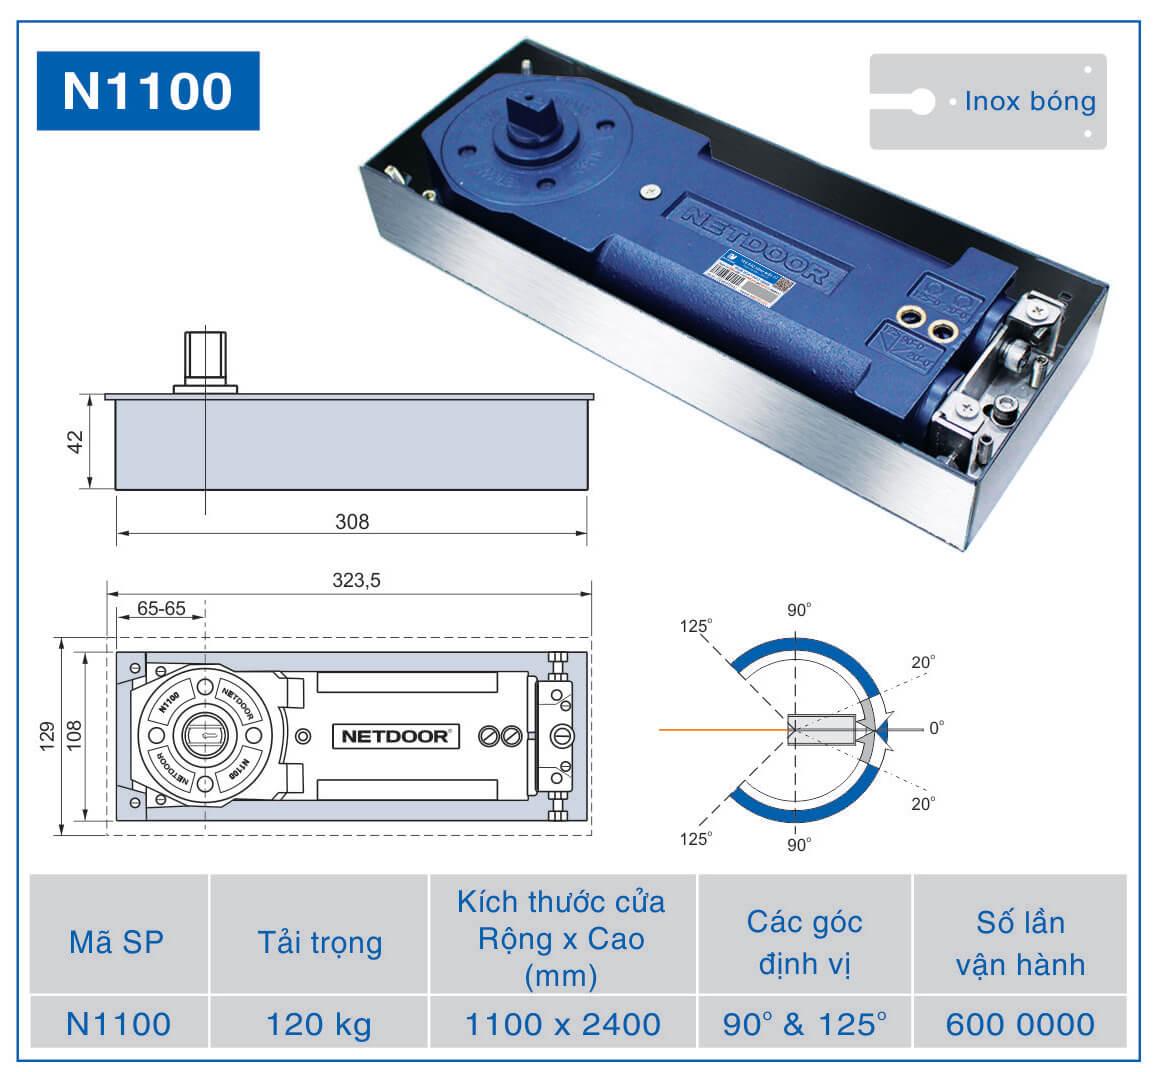 chi tiết kỹ thuật bản lề sàn netdoor n1100chi tiết kỹ thuật bản lề sàn netdoor n1100